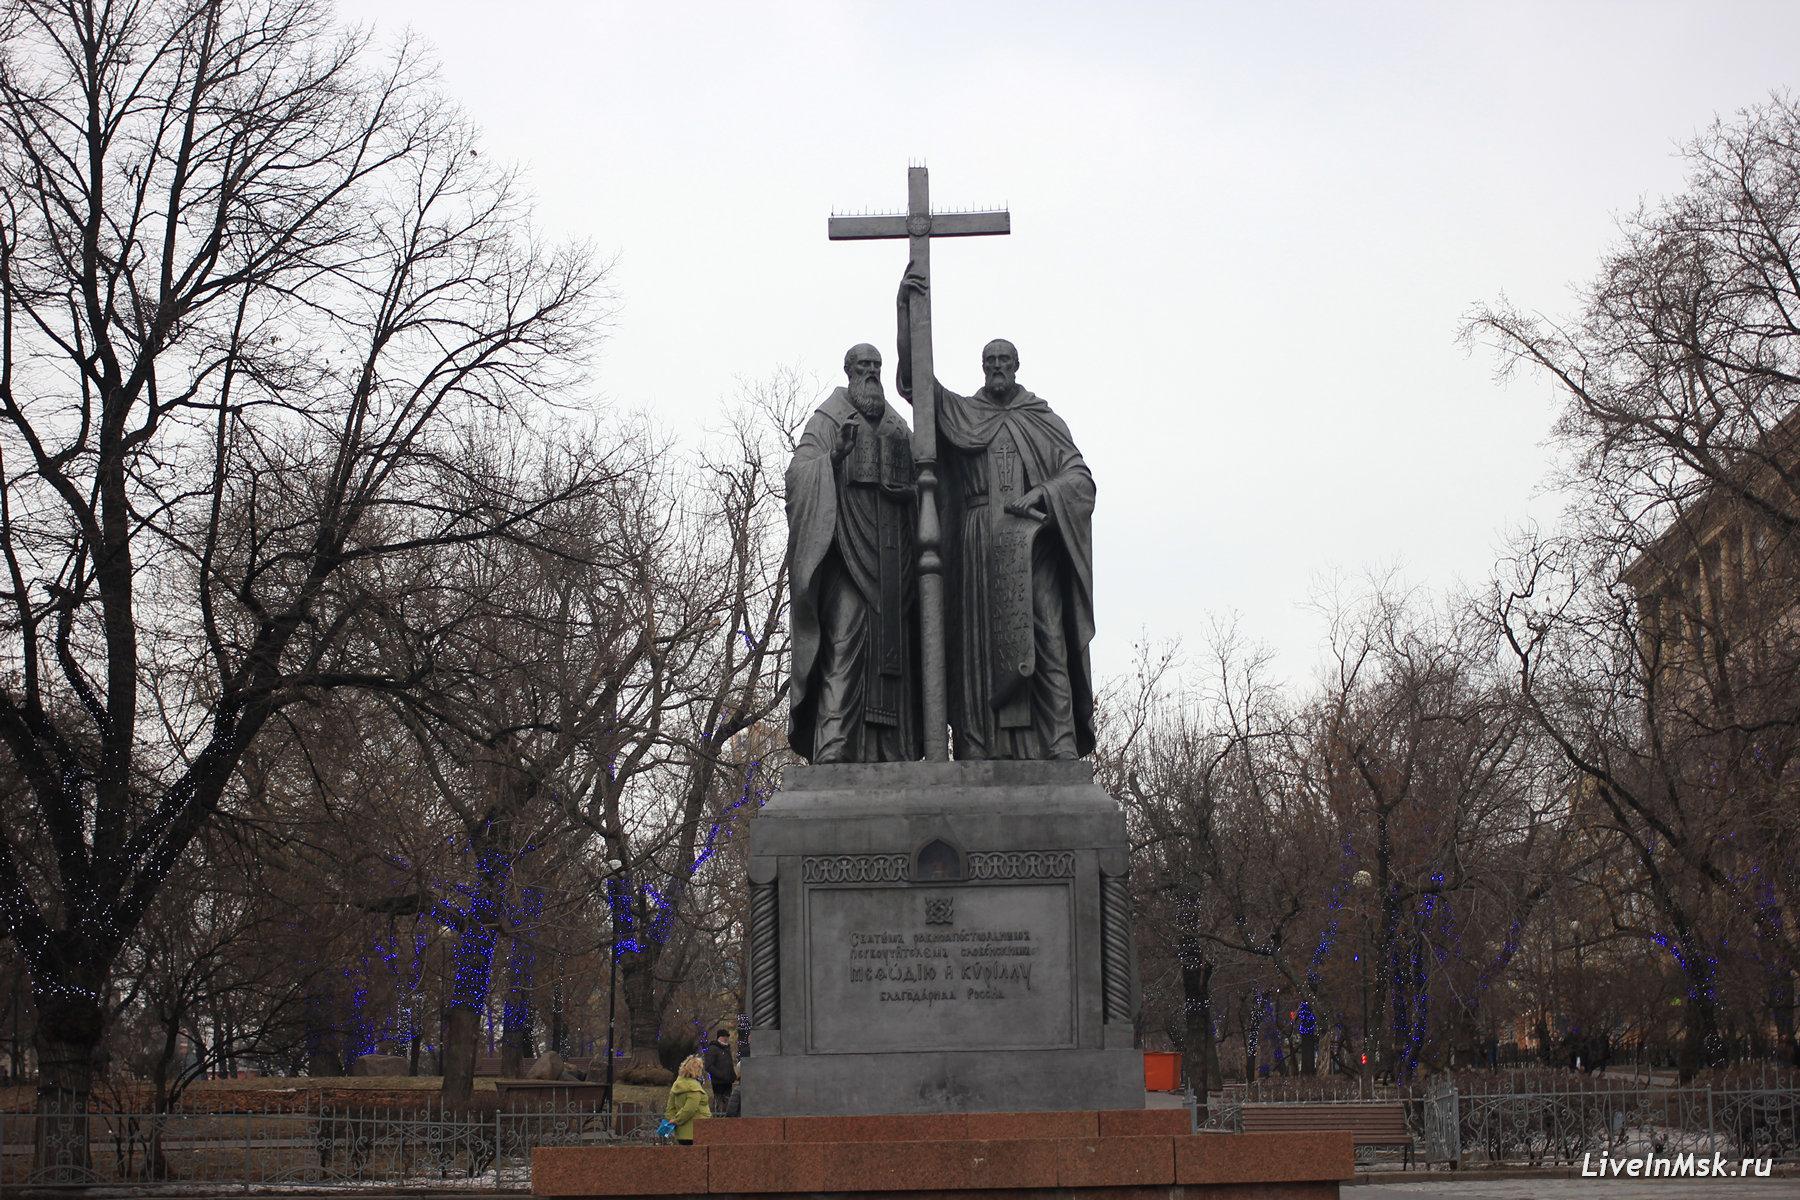 Памятник Кириллу и Мефодию, фото 2017 года